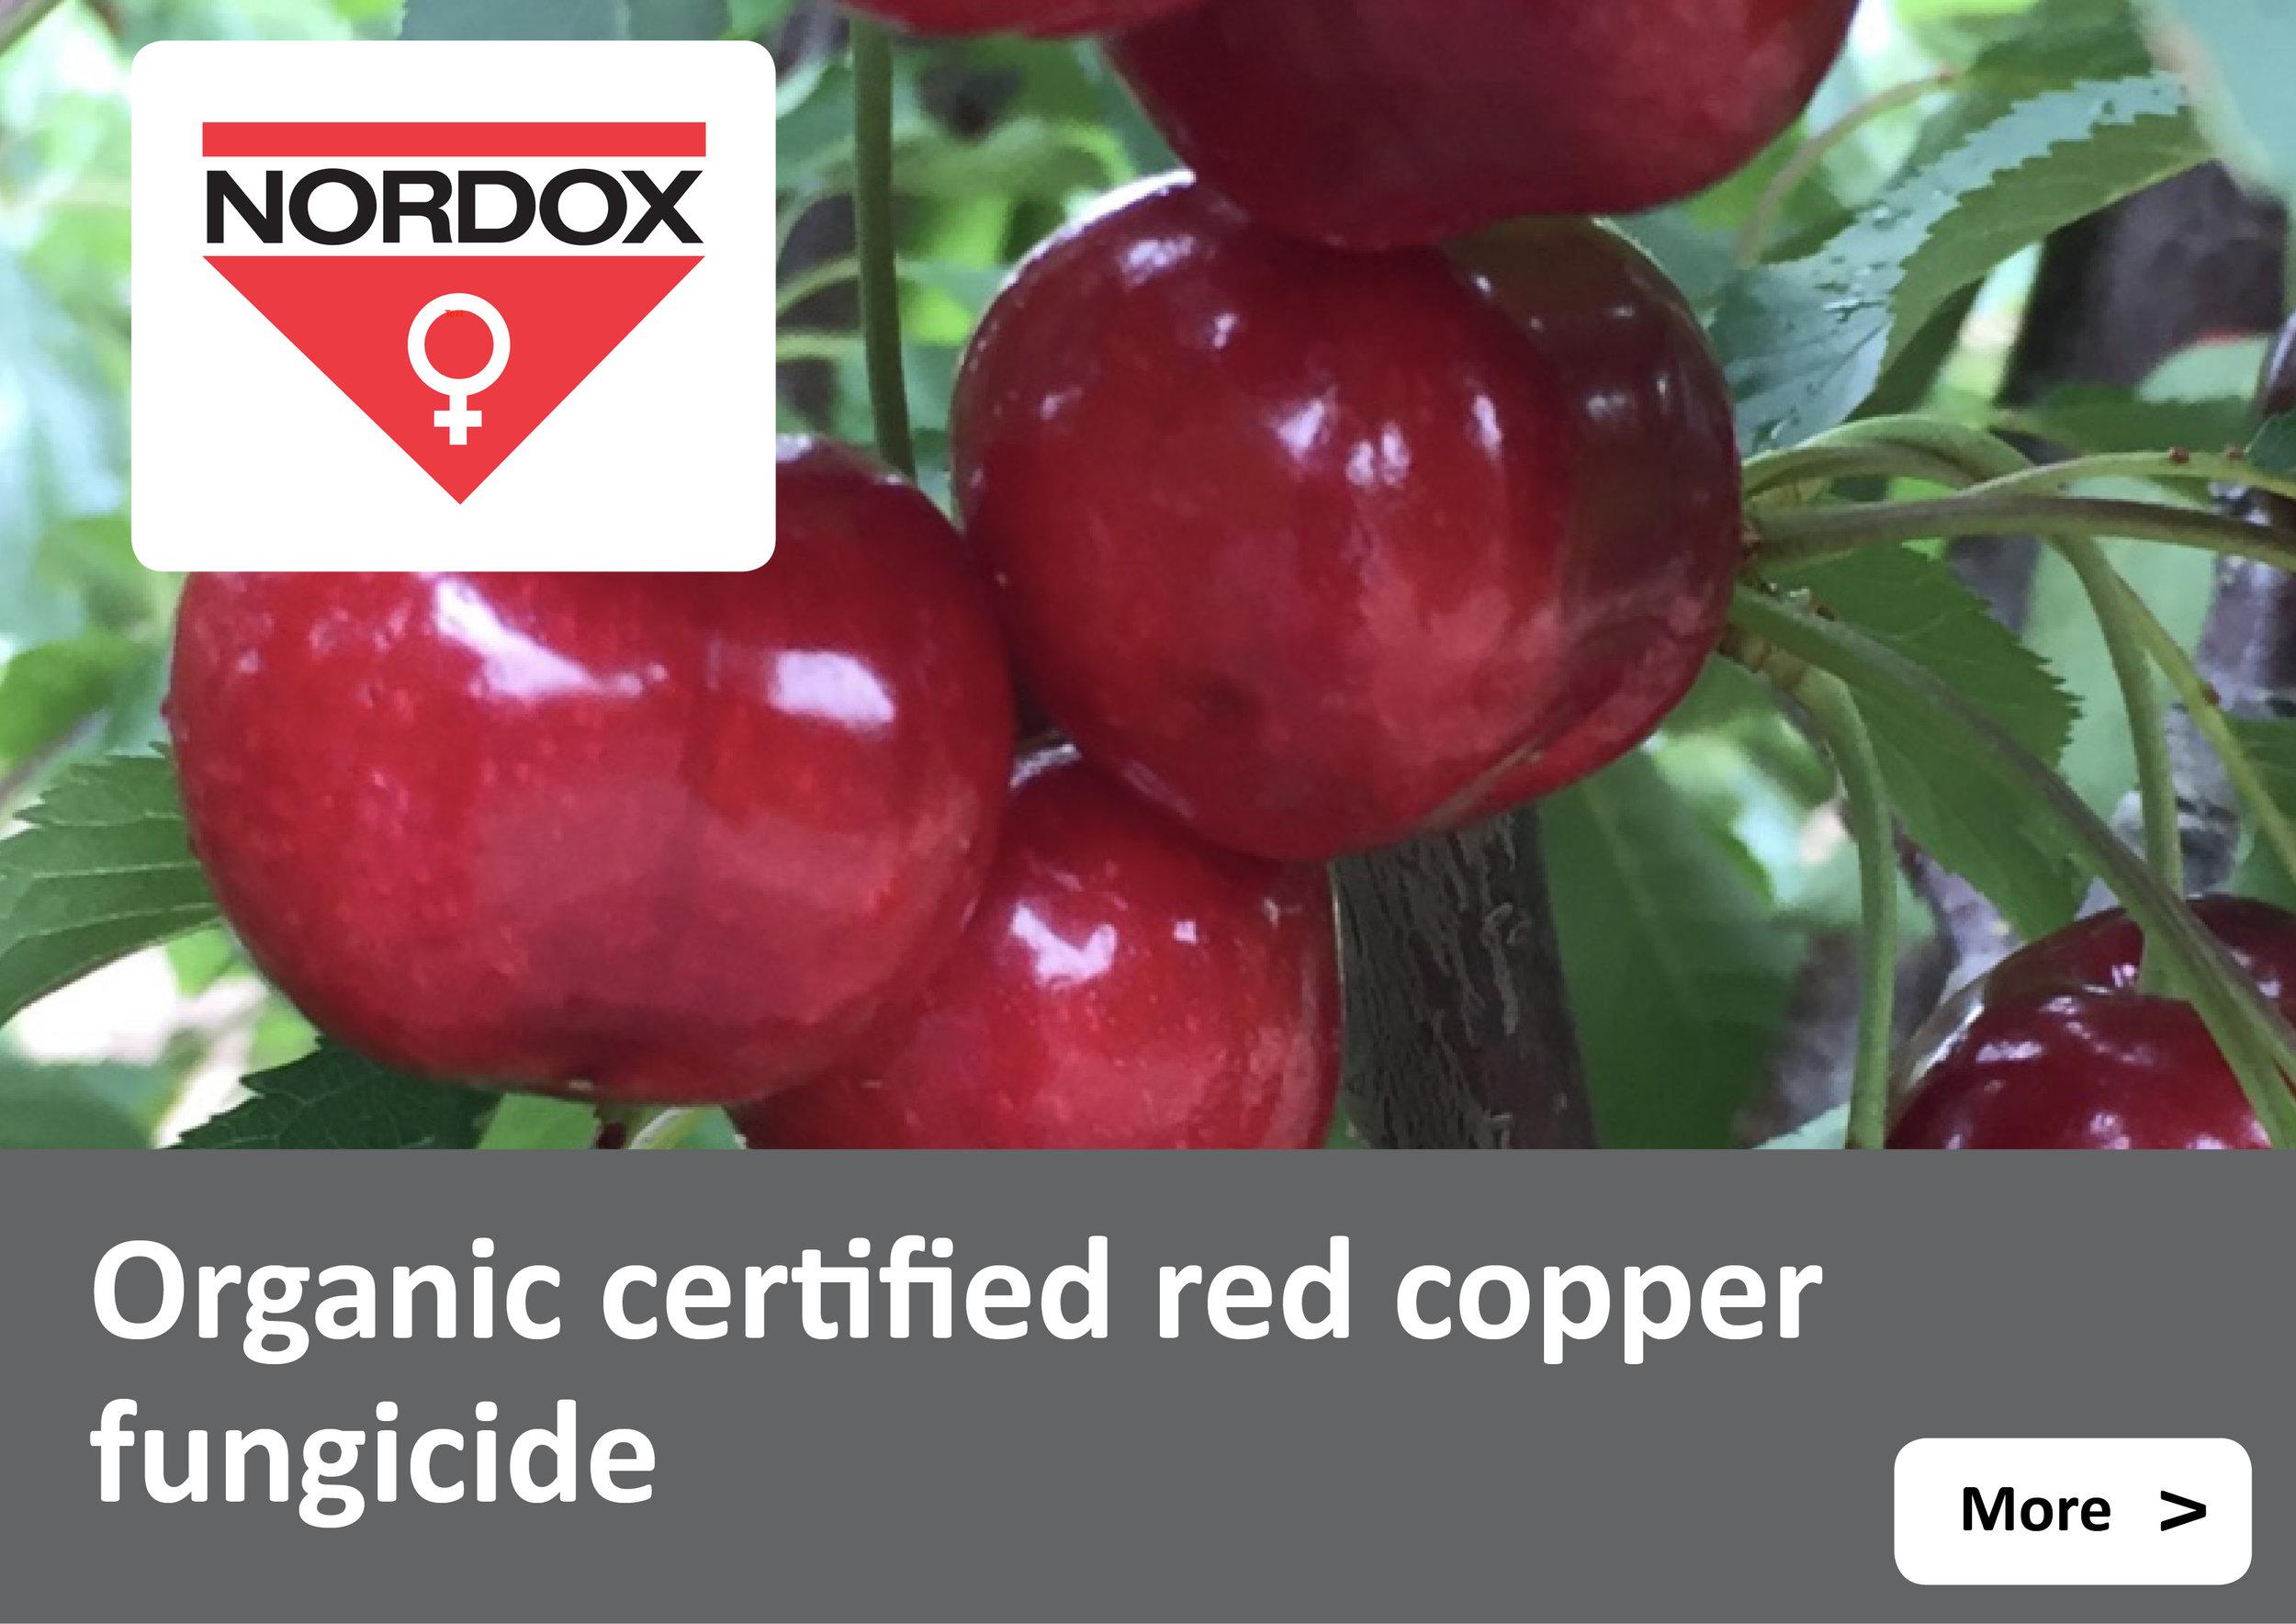 Nordox 750WG Copper Fungicide - red copper